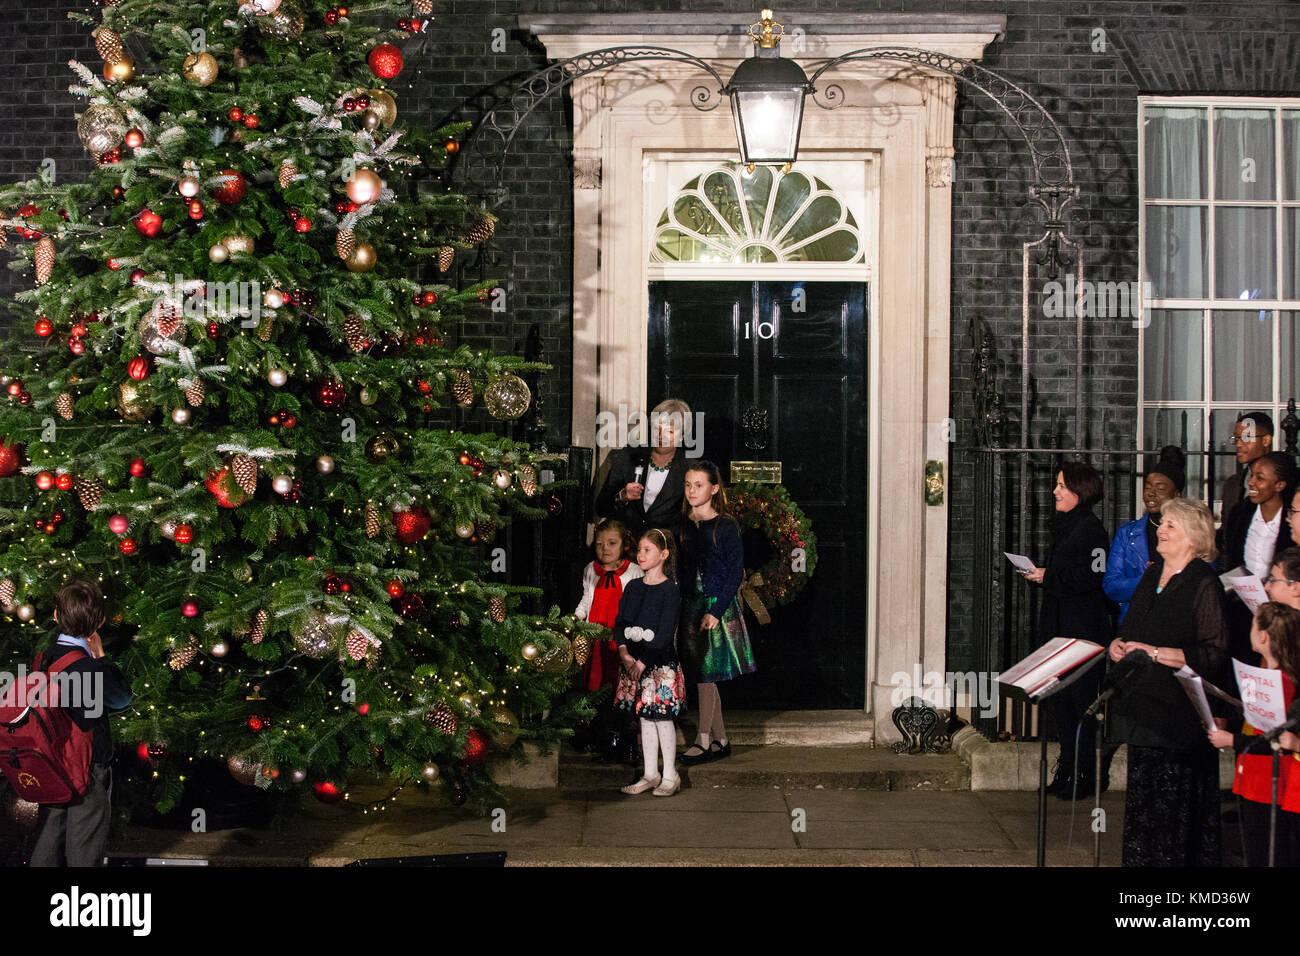 Wann wurde der erste weihnachtsbaum geschmuckt